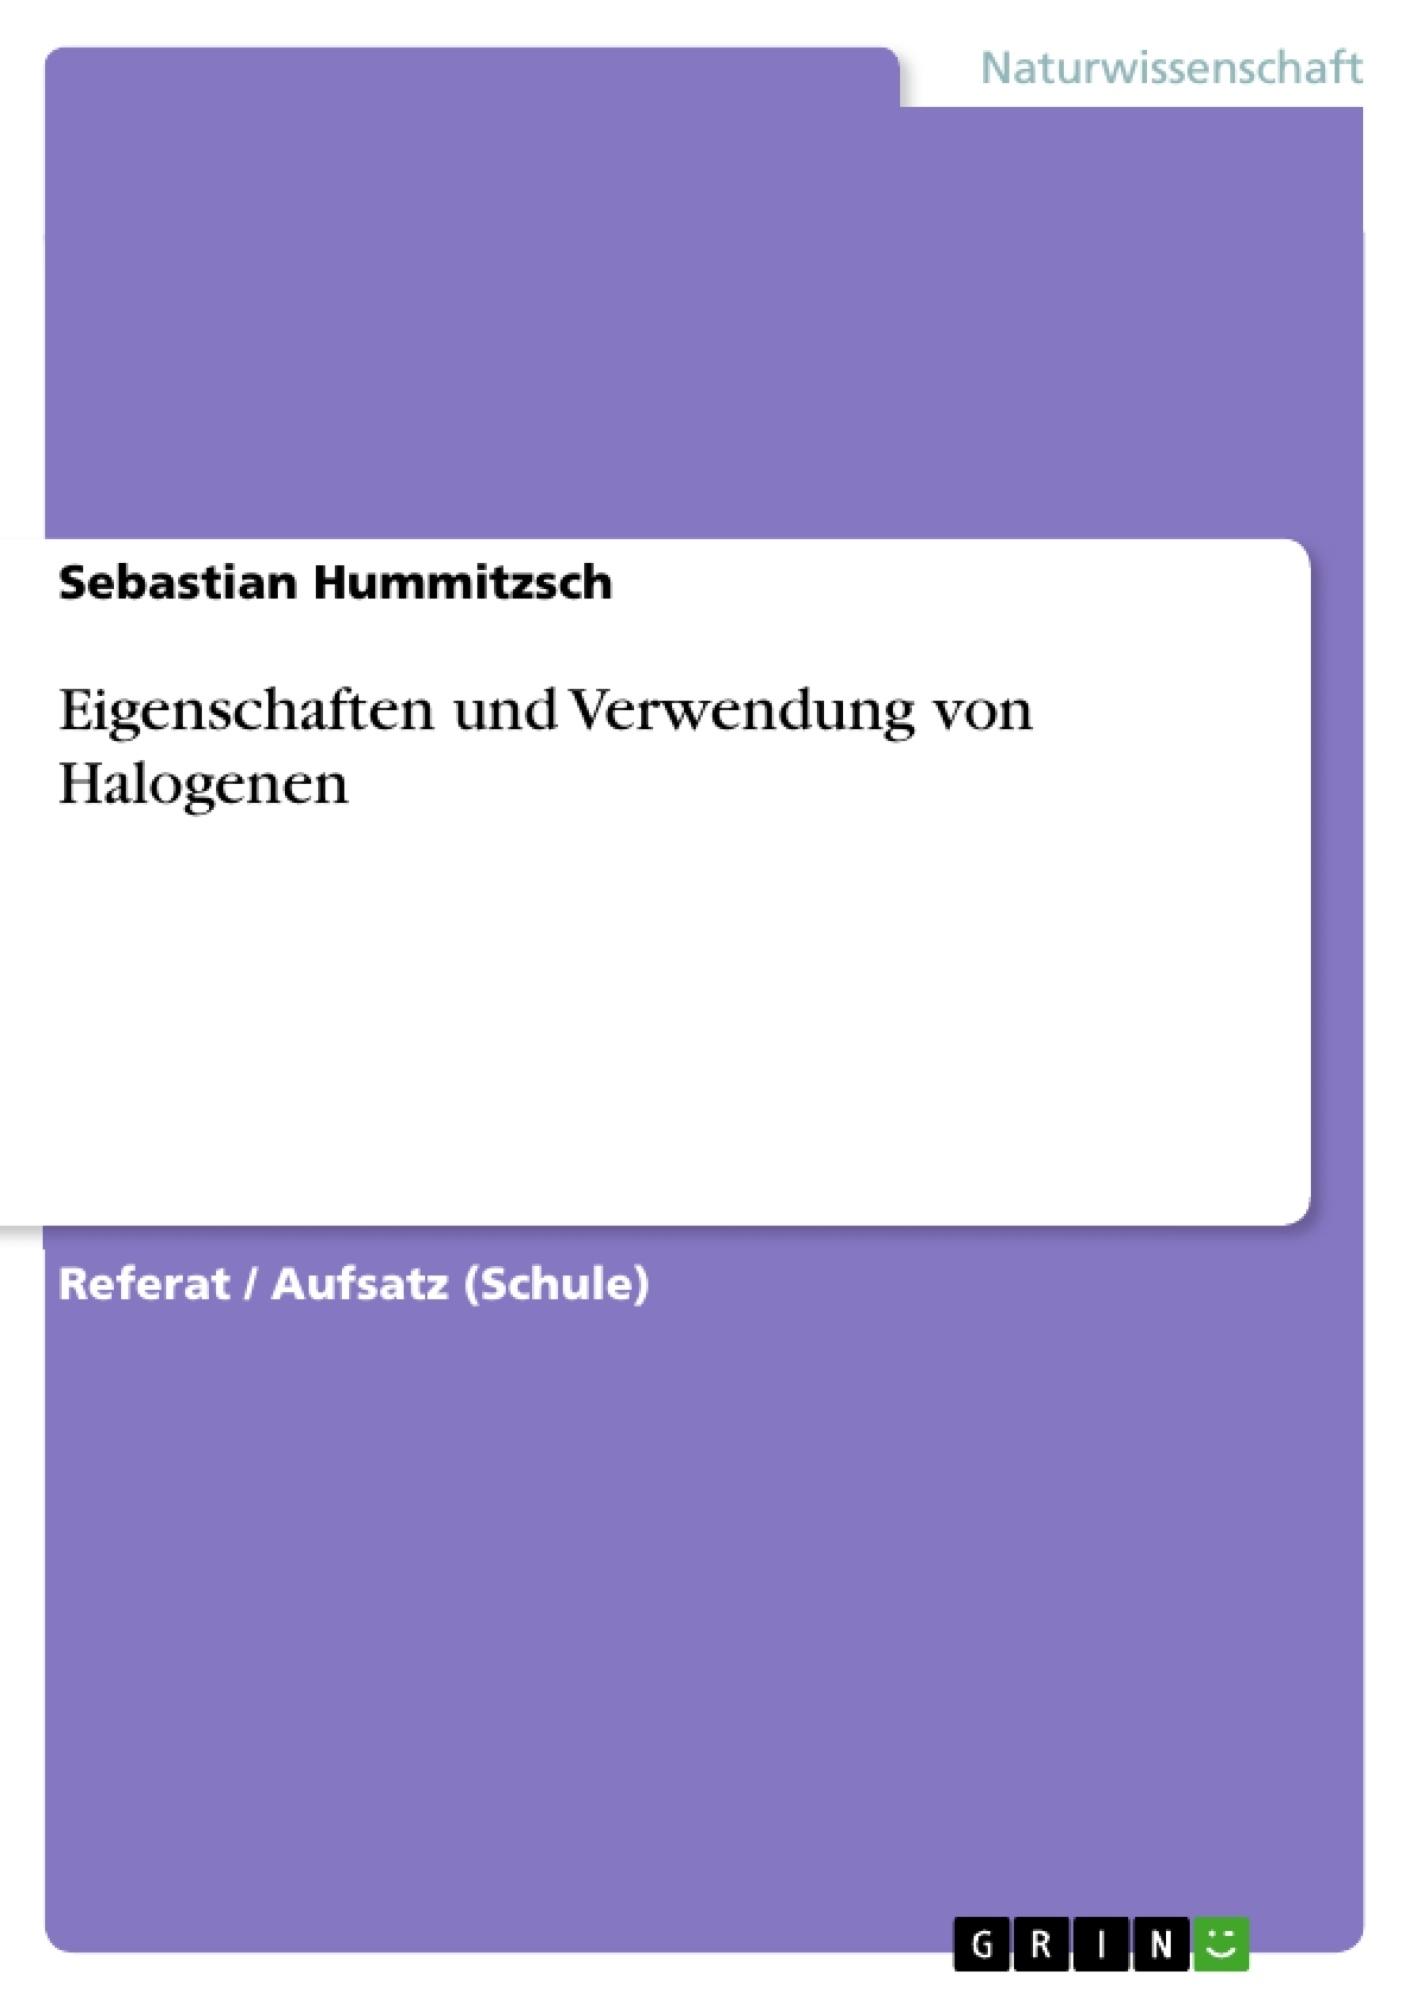 Eigenschaften und Verwendung von Halogenen | Masterarbeit ...